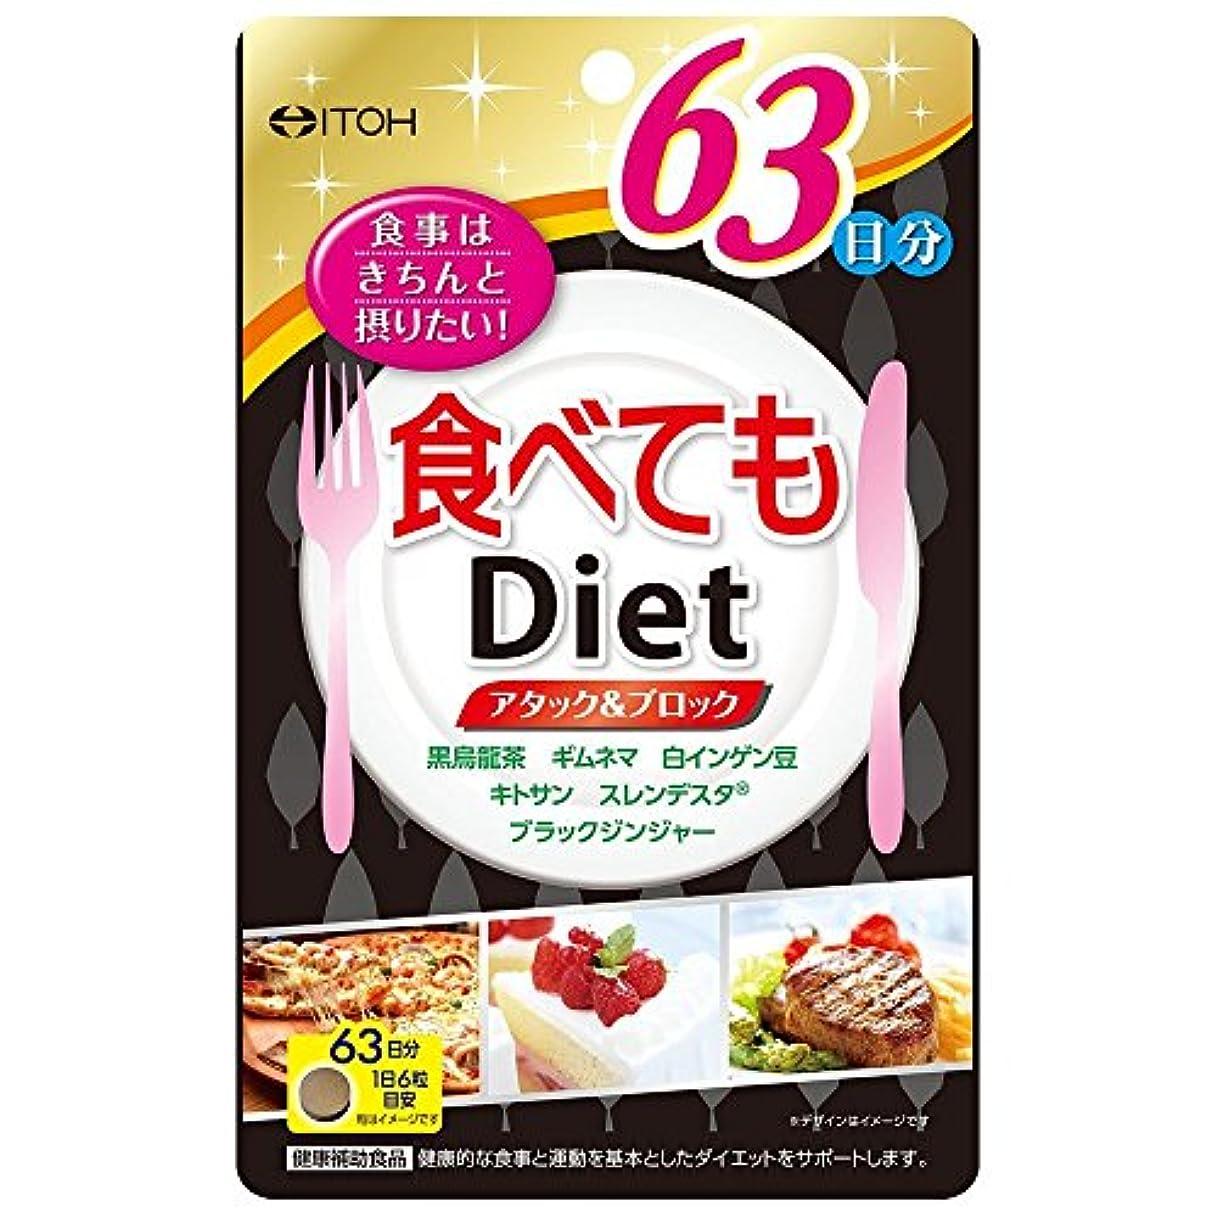 ノートカーテンなぜなら井藤漢方製薬 食べてもDiet 378粒 約63日分